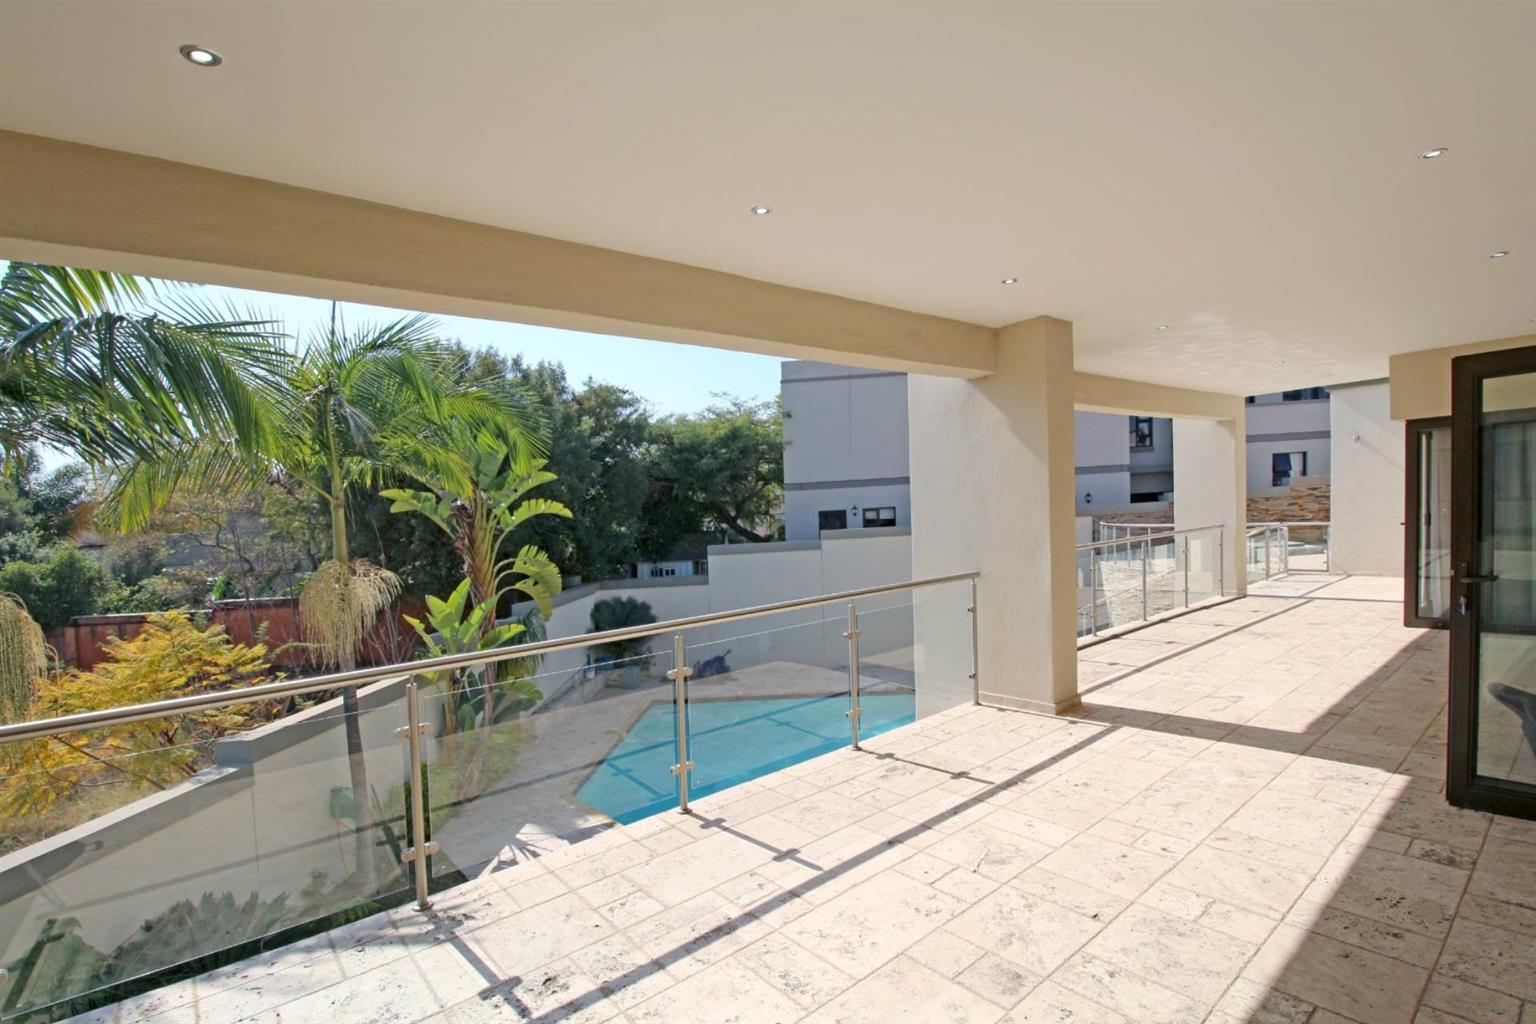 House For Sale in MAROELADAL